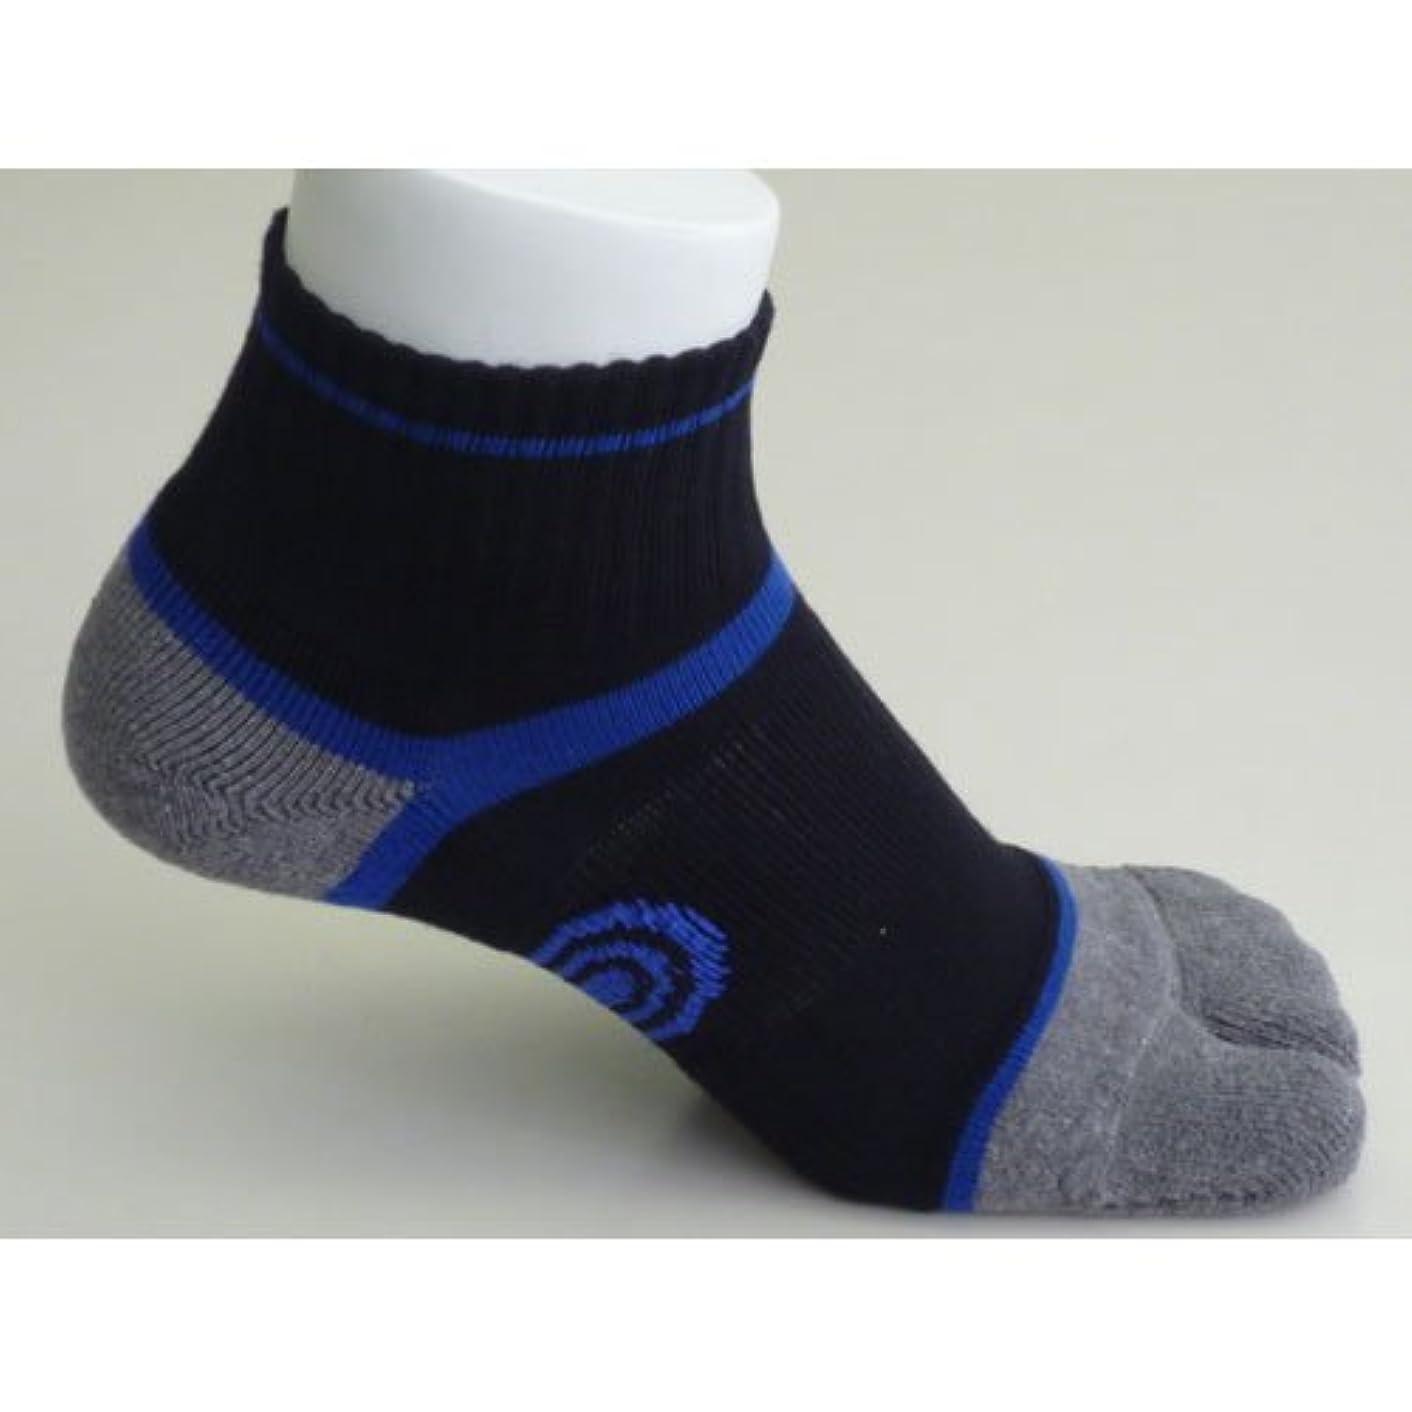 交渉する組立データ草鞋ソックス M(25-27cm)ブルー 【わらじソックス】【炭の靴下】【足袋型】